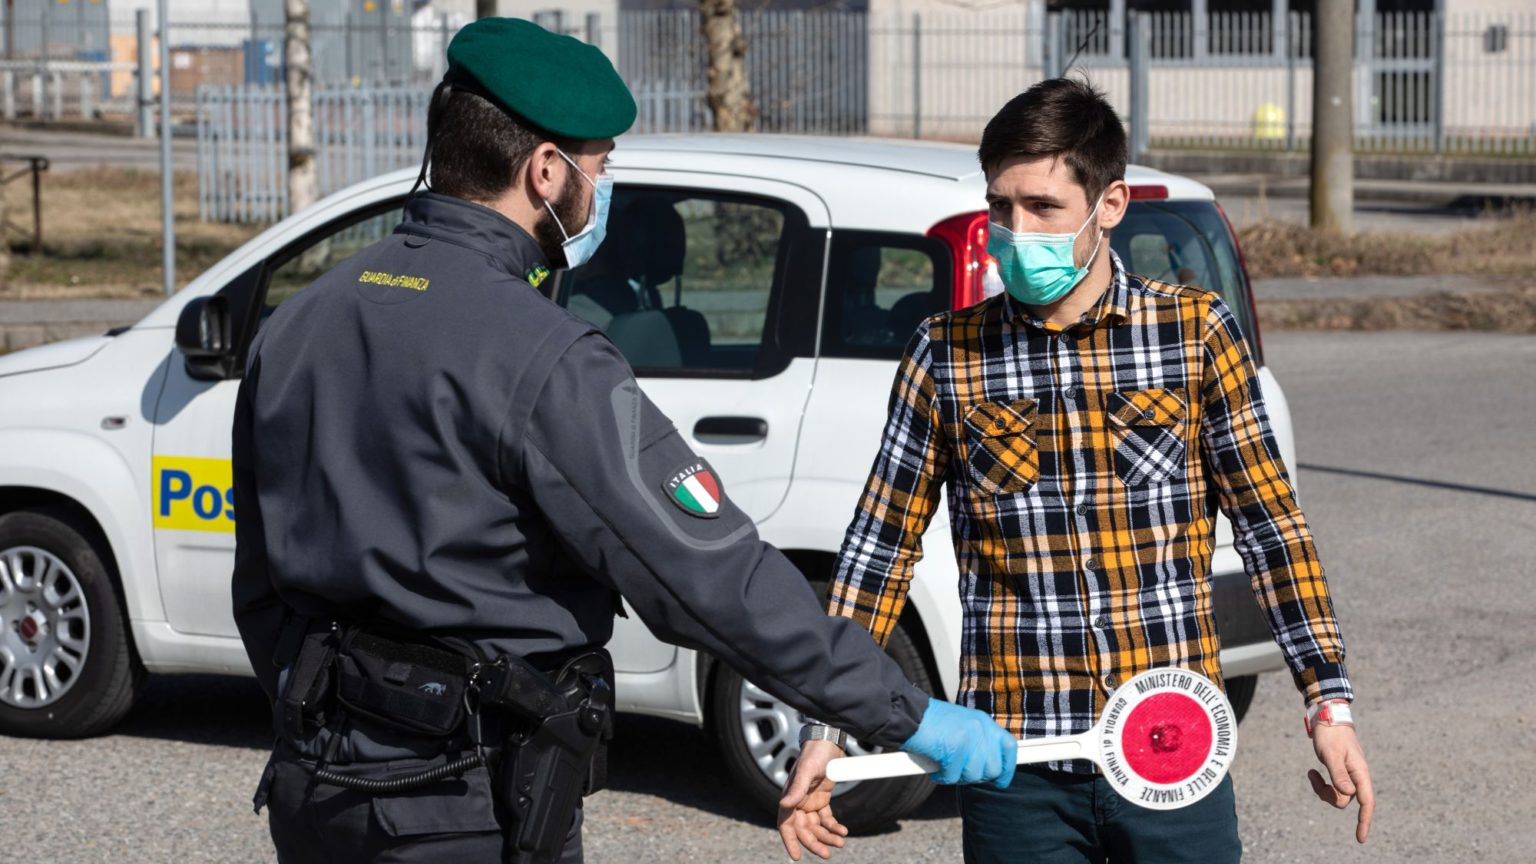 How Italy succumbed to coronavirus